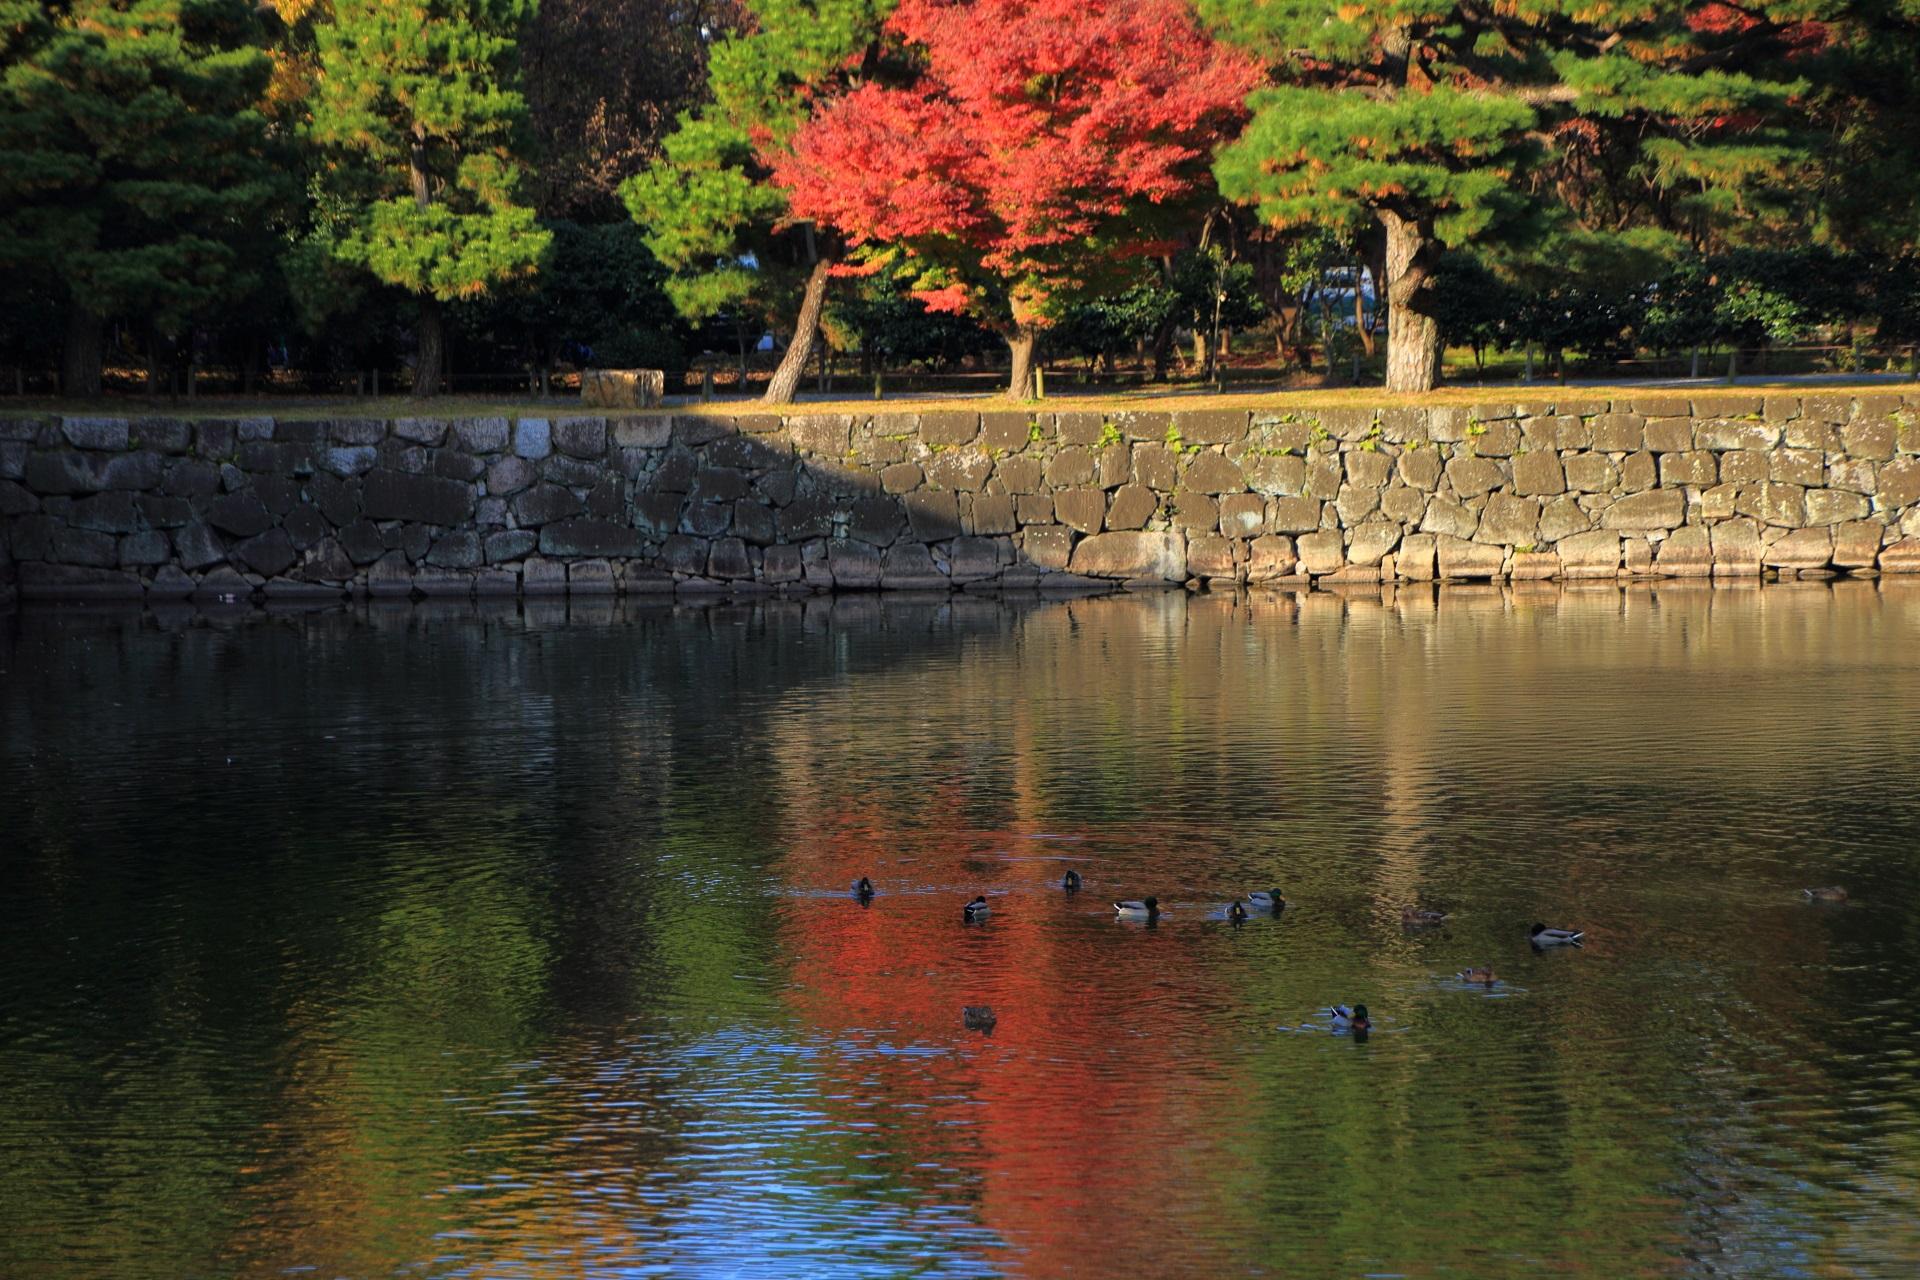 二条城のお堀の紅葉とほのかな水鏡